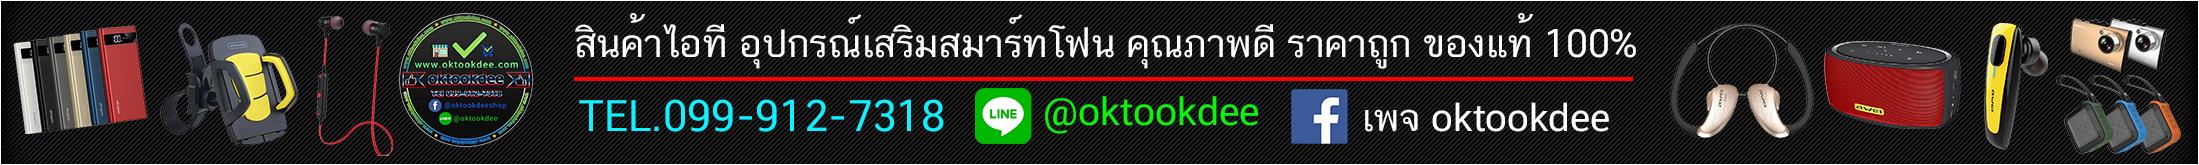 oktookdee